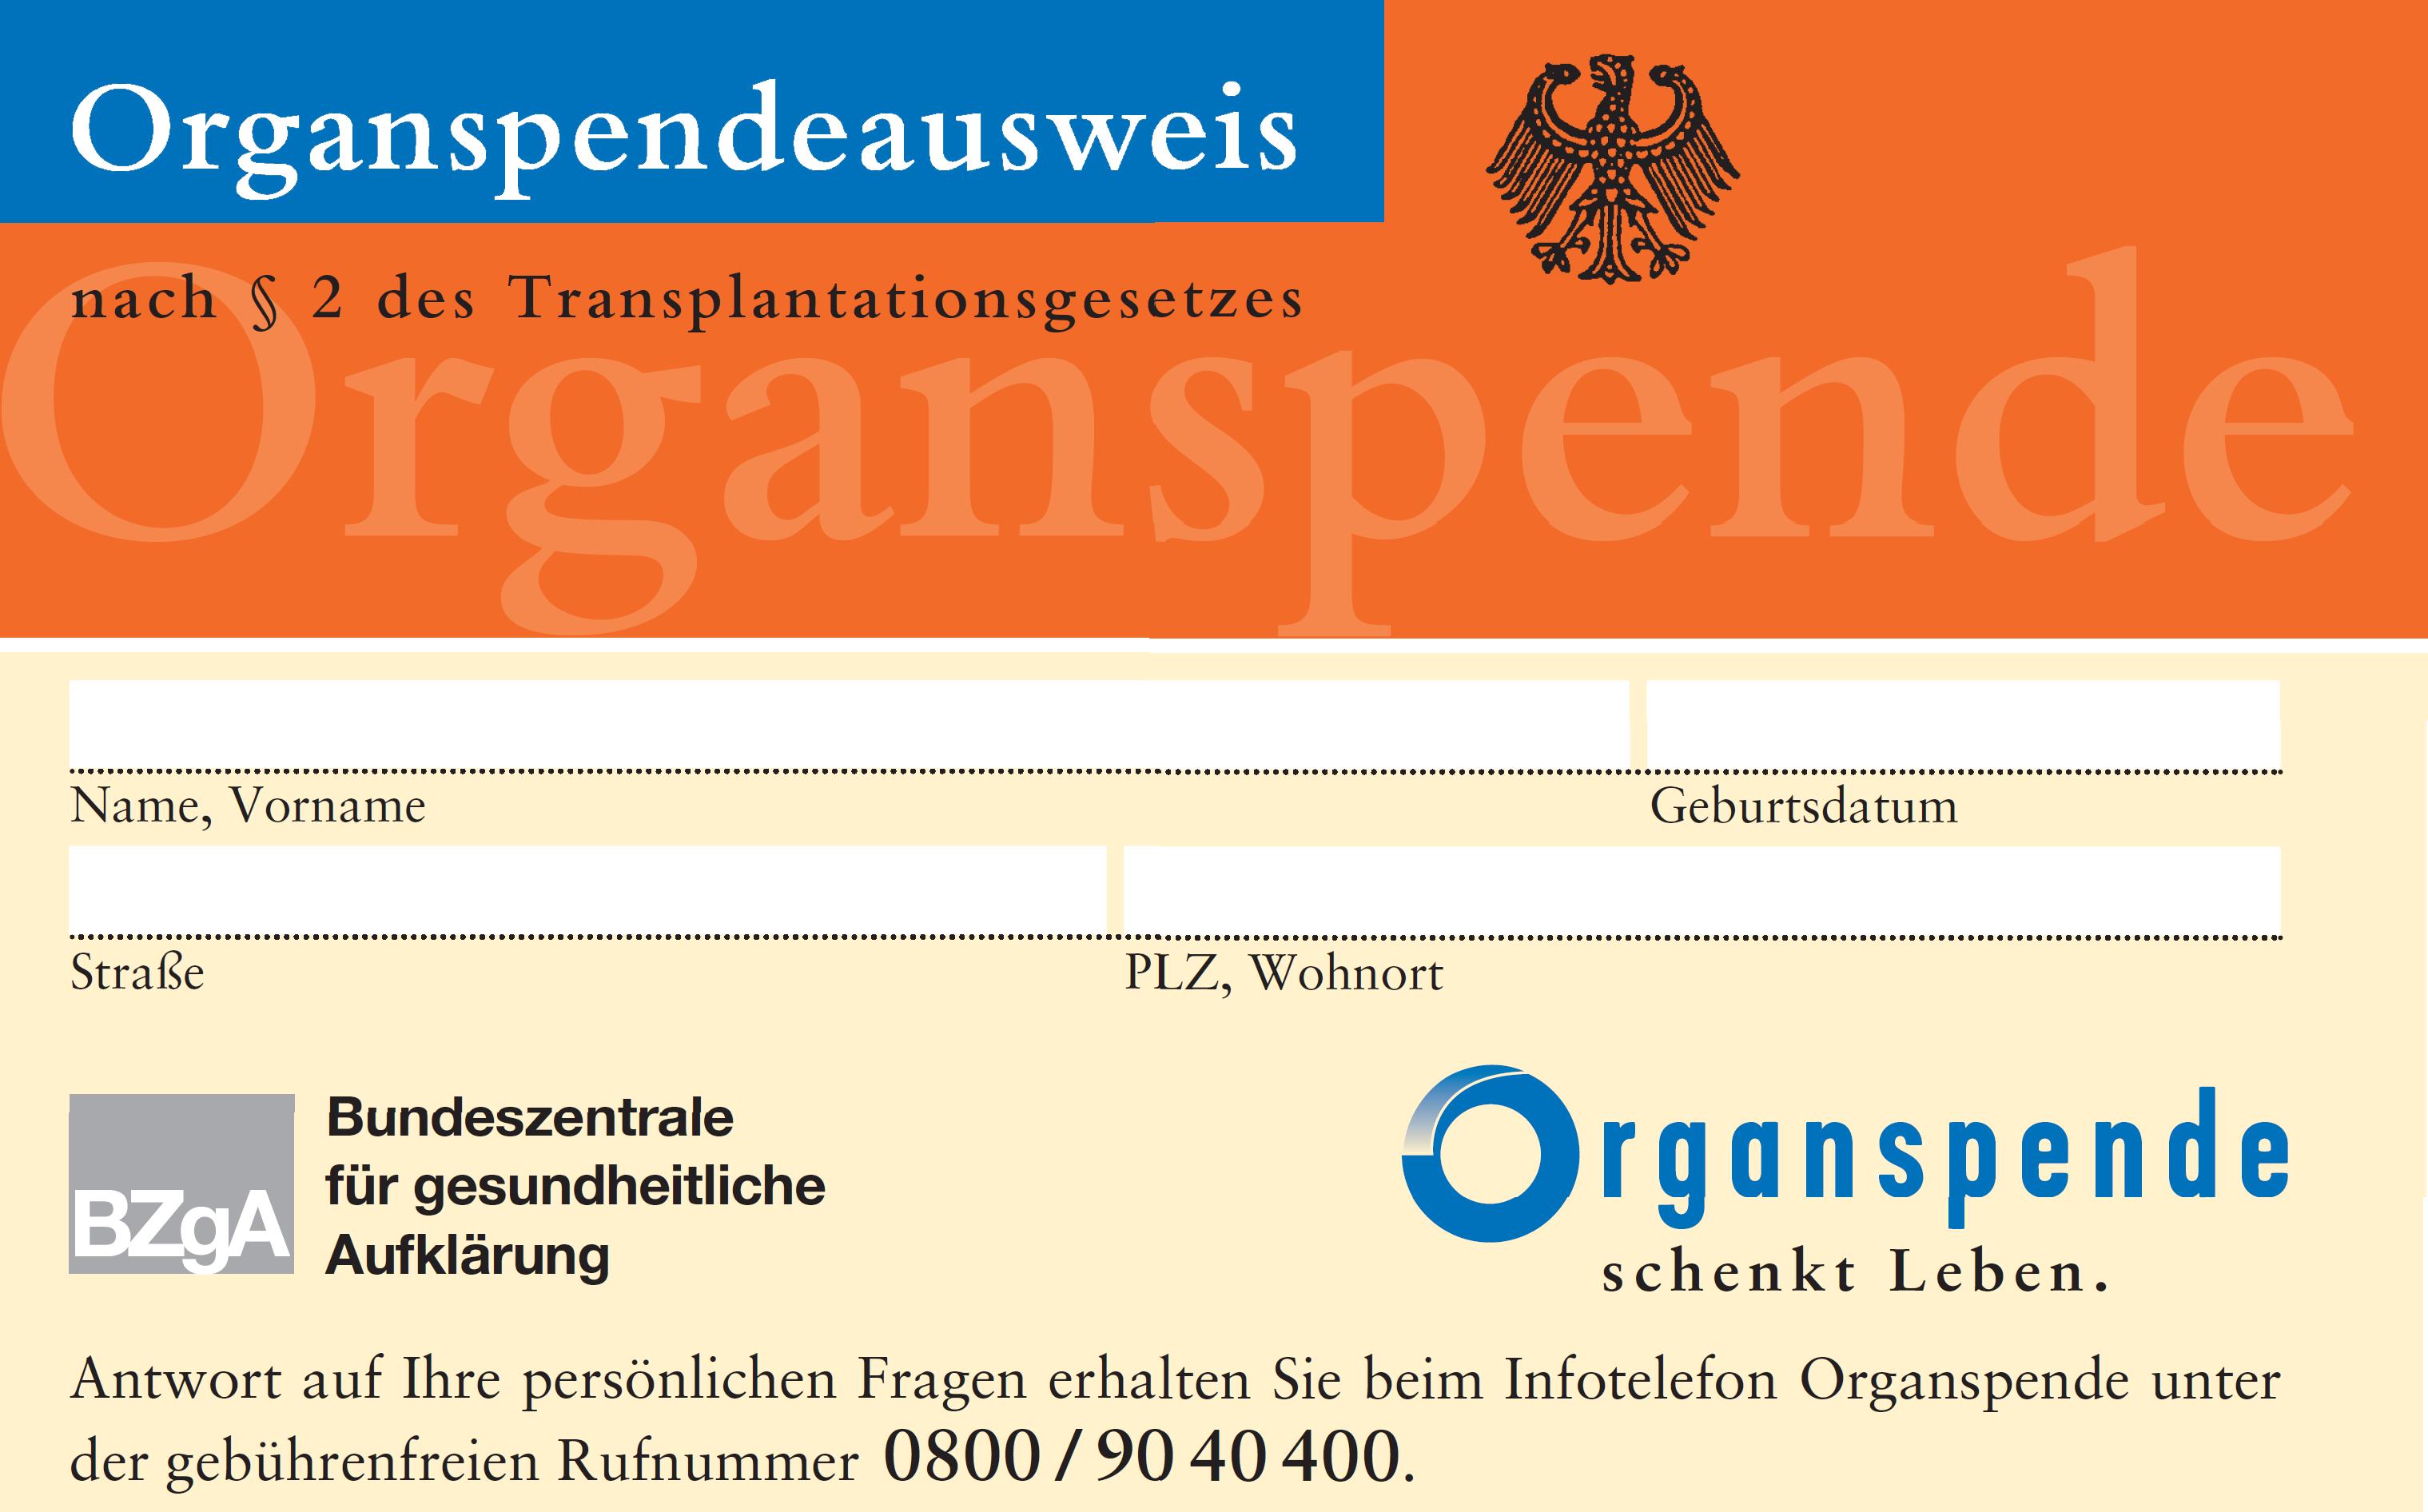 organspendeausweis karte Datei:Organspendeausweis.png – Wikipedia